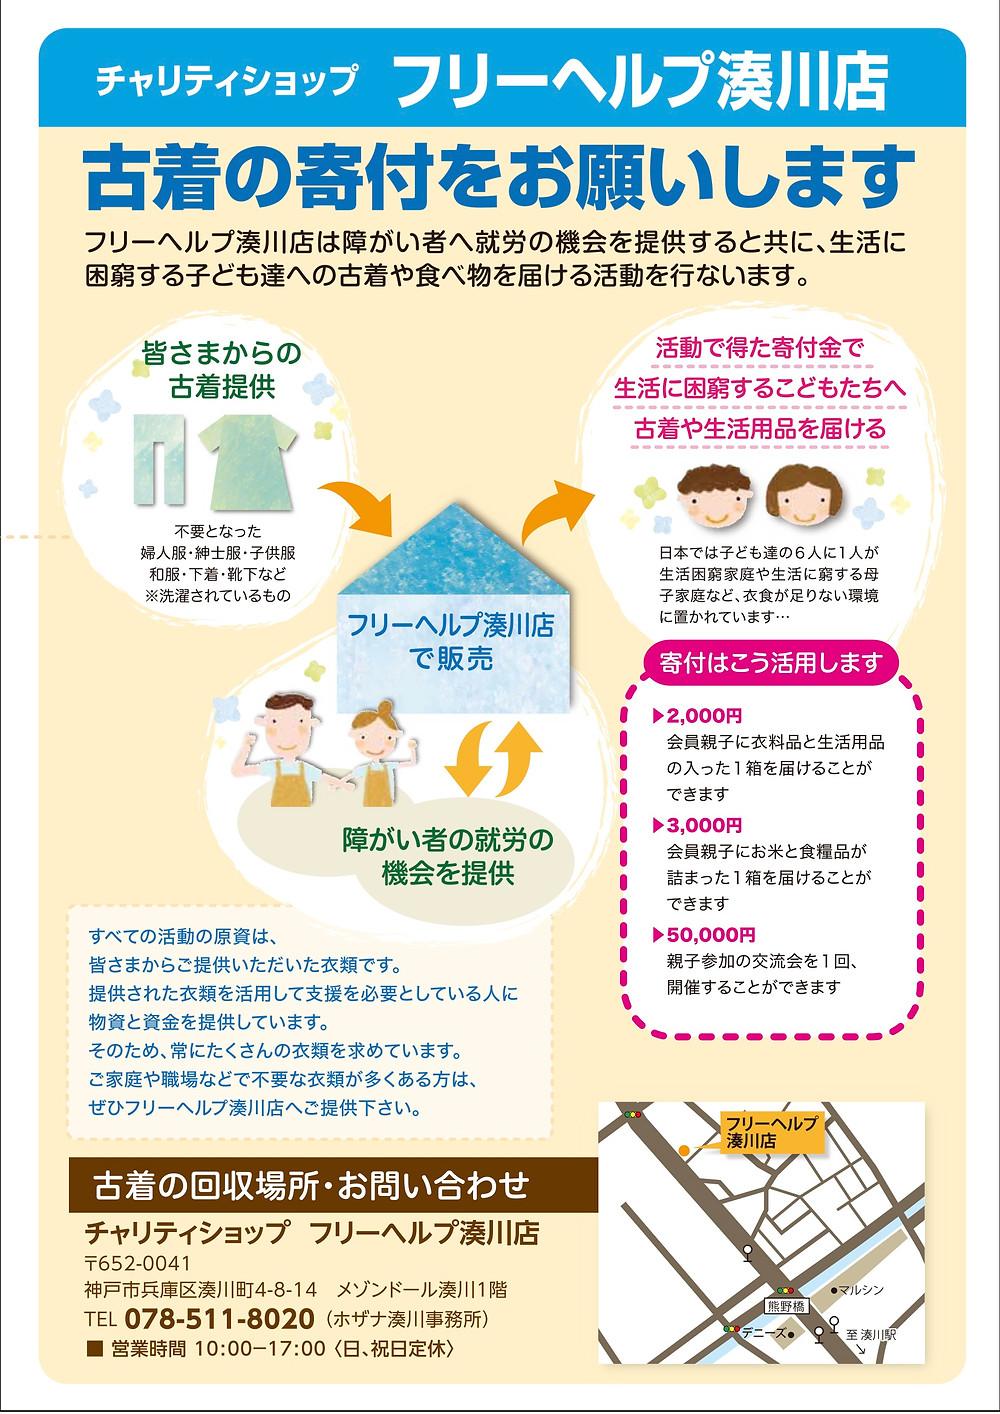 フリーヘルプ湊川店チラシ